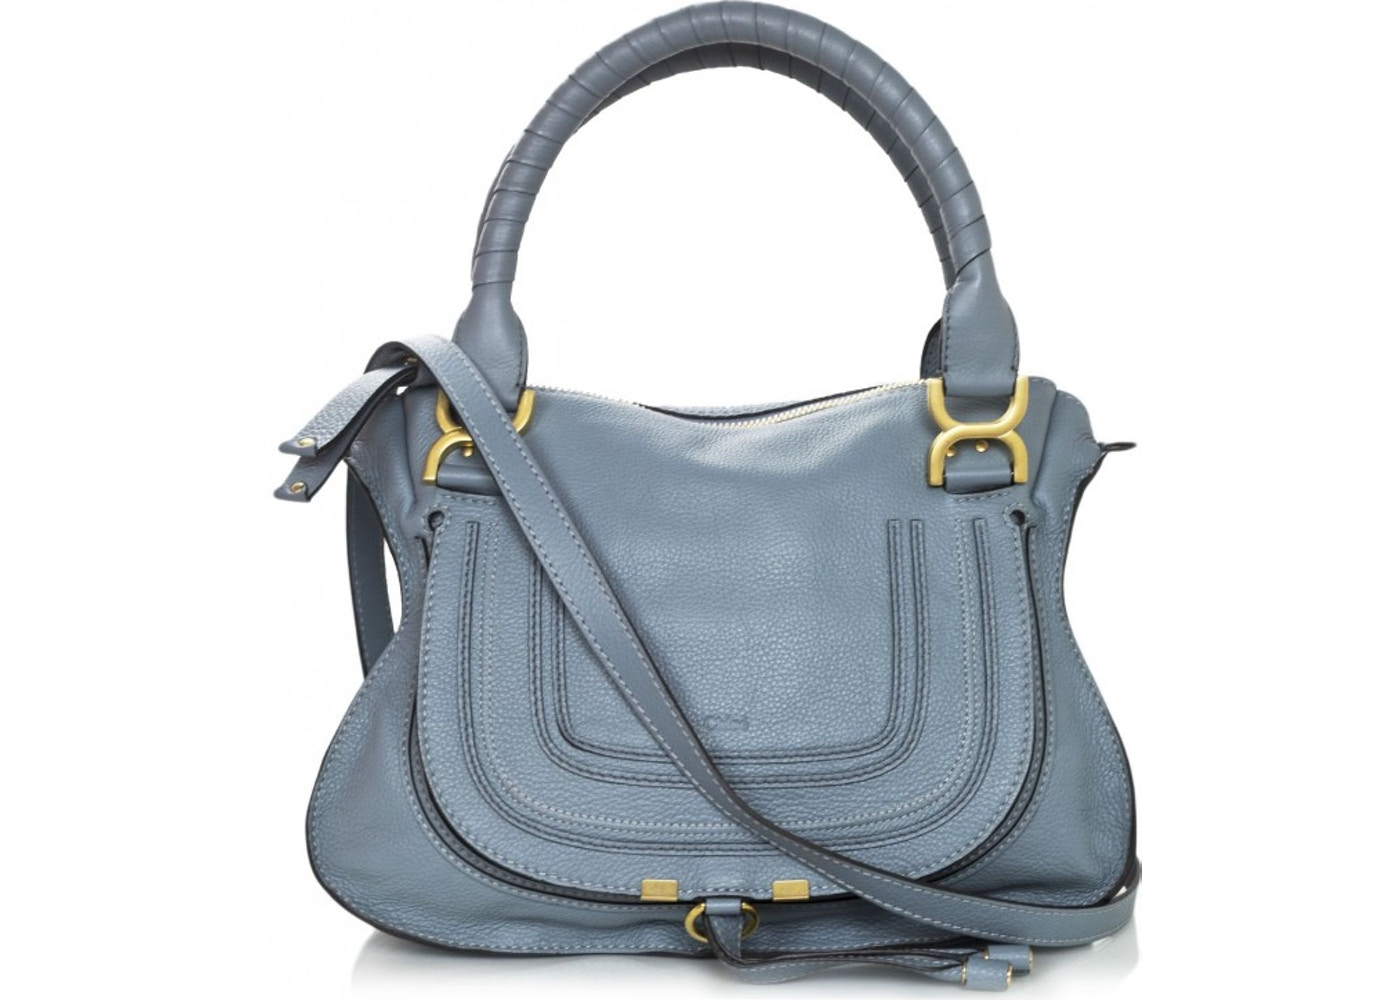 50cffcba12a Chloe Marcie Satchel Medium Dusty Blue. Medium Dusty Blue